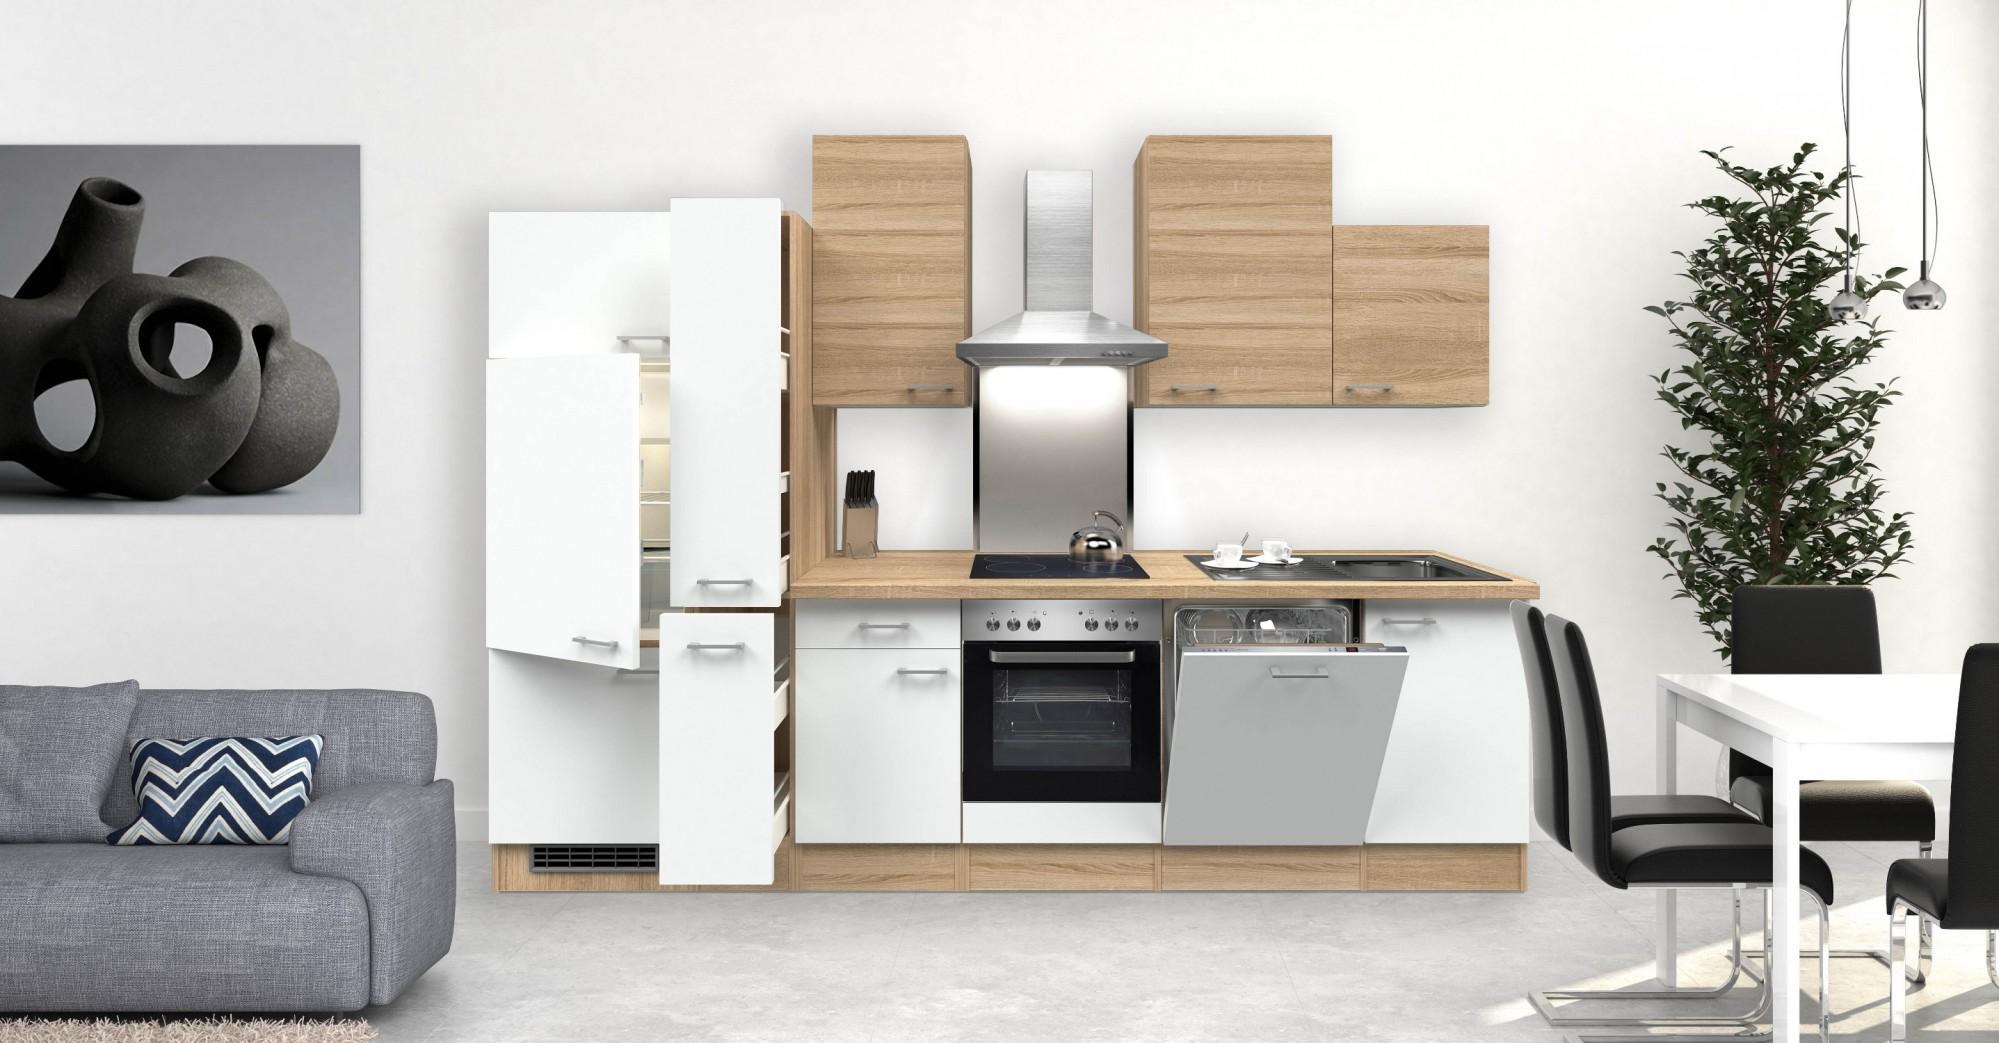 Neu Küchen-Unterschrank ROM - 2-türig - 80 cm breit - Weiß Küche ROM FG33